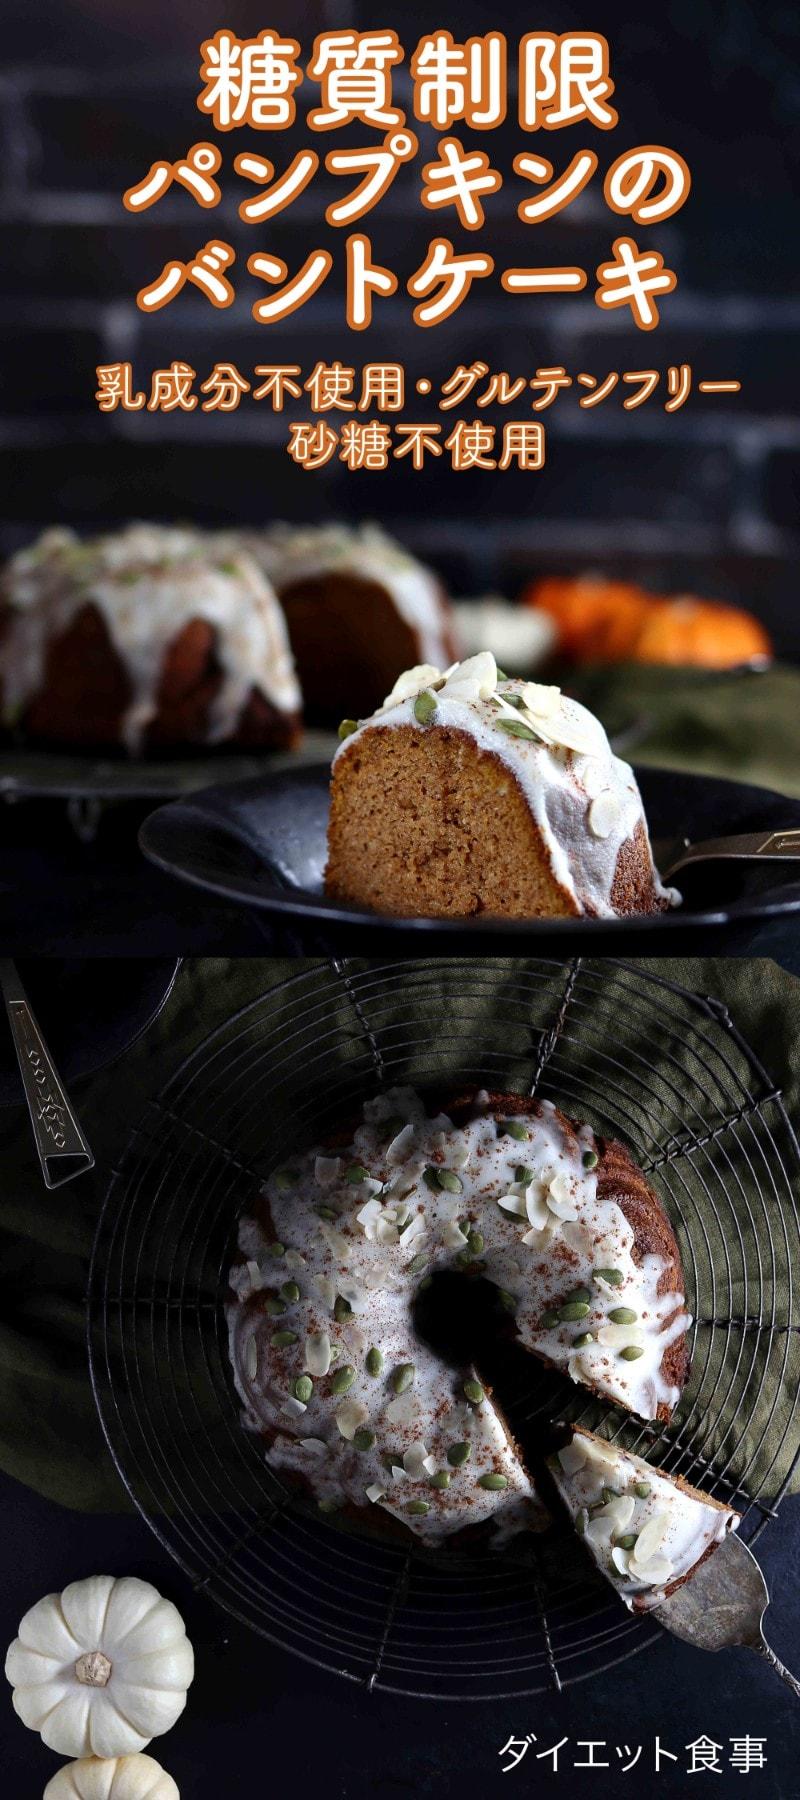 低糖質パンプキンのバントケーキのレシピ・うちのダイエット食事・砂糖不使用でしっとりしているパンプキンケーキのレシピです! #グルテンフリー #パンプキンケーキ #かぼちゃケーキ #ハロウィン #ハロウィンお菓子 #お菓子作り #パンプキン #糖質制限